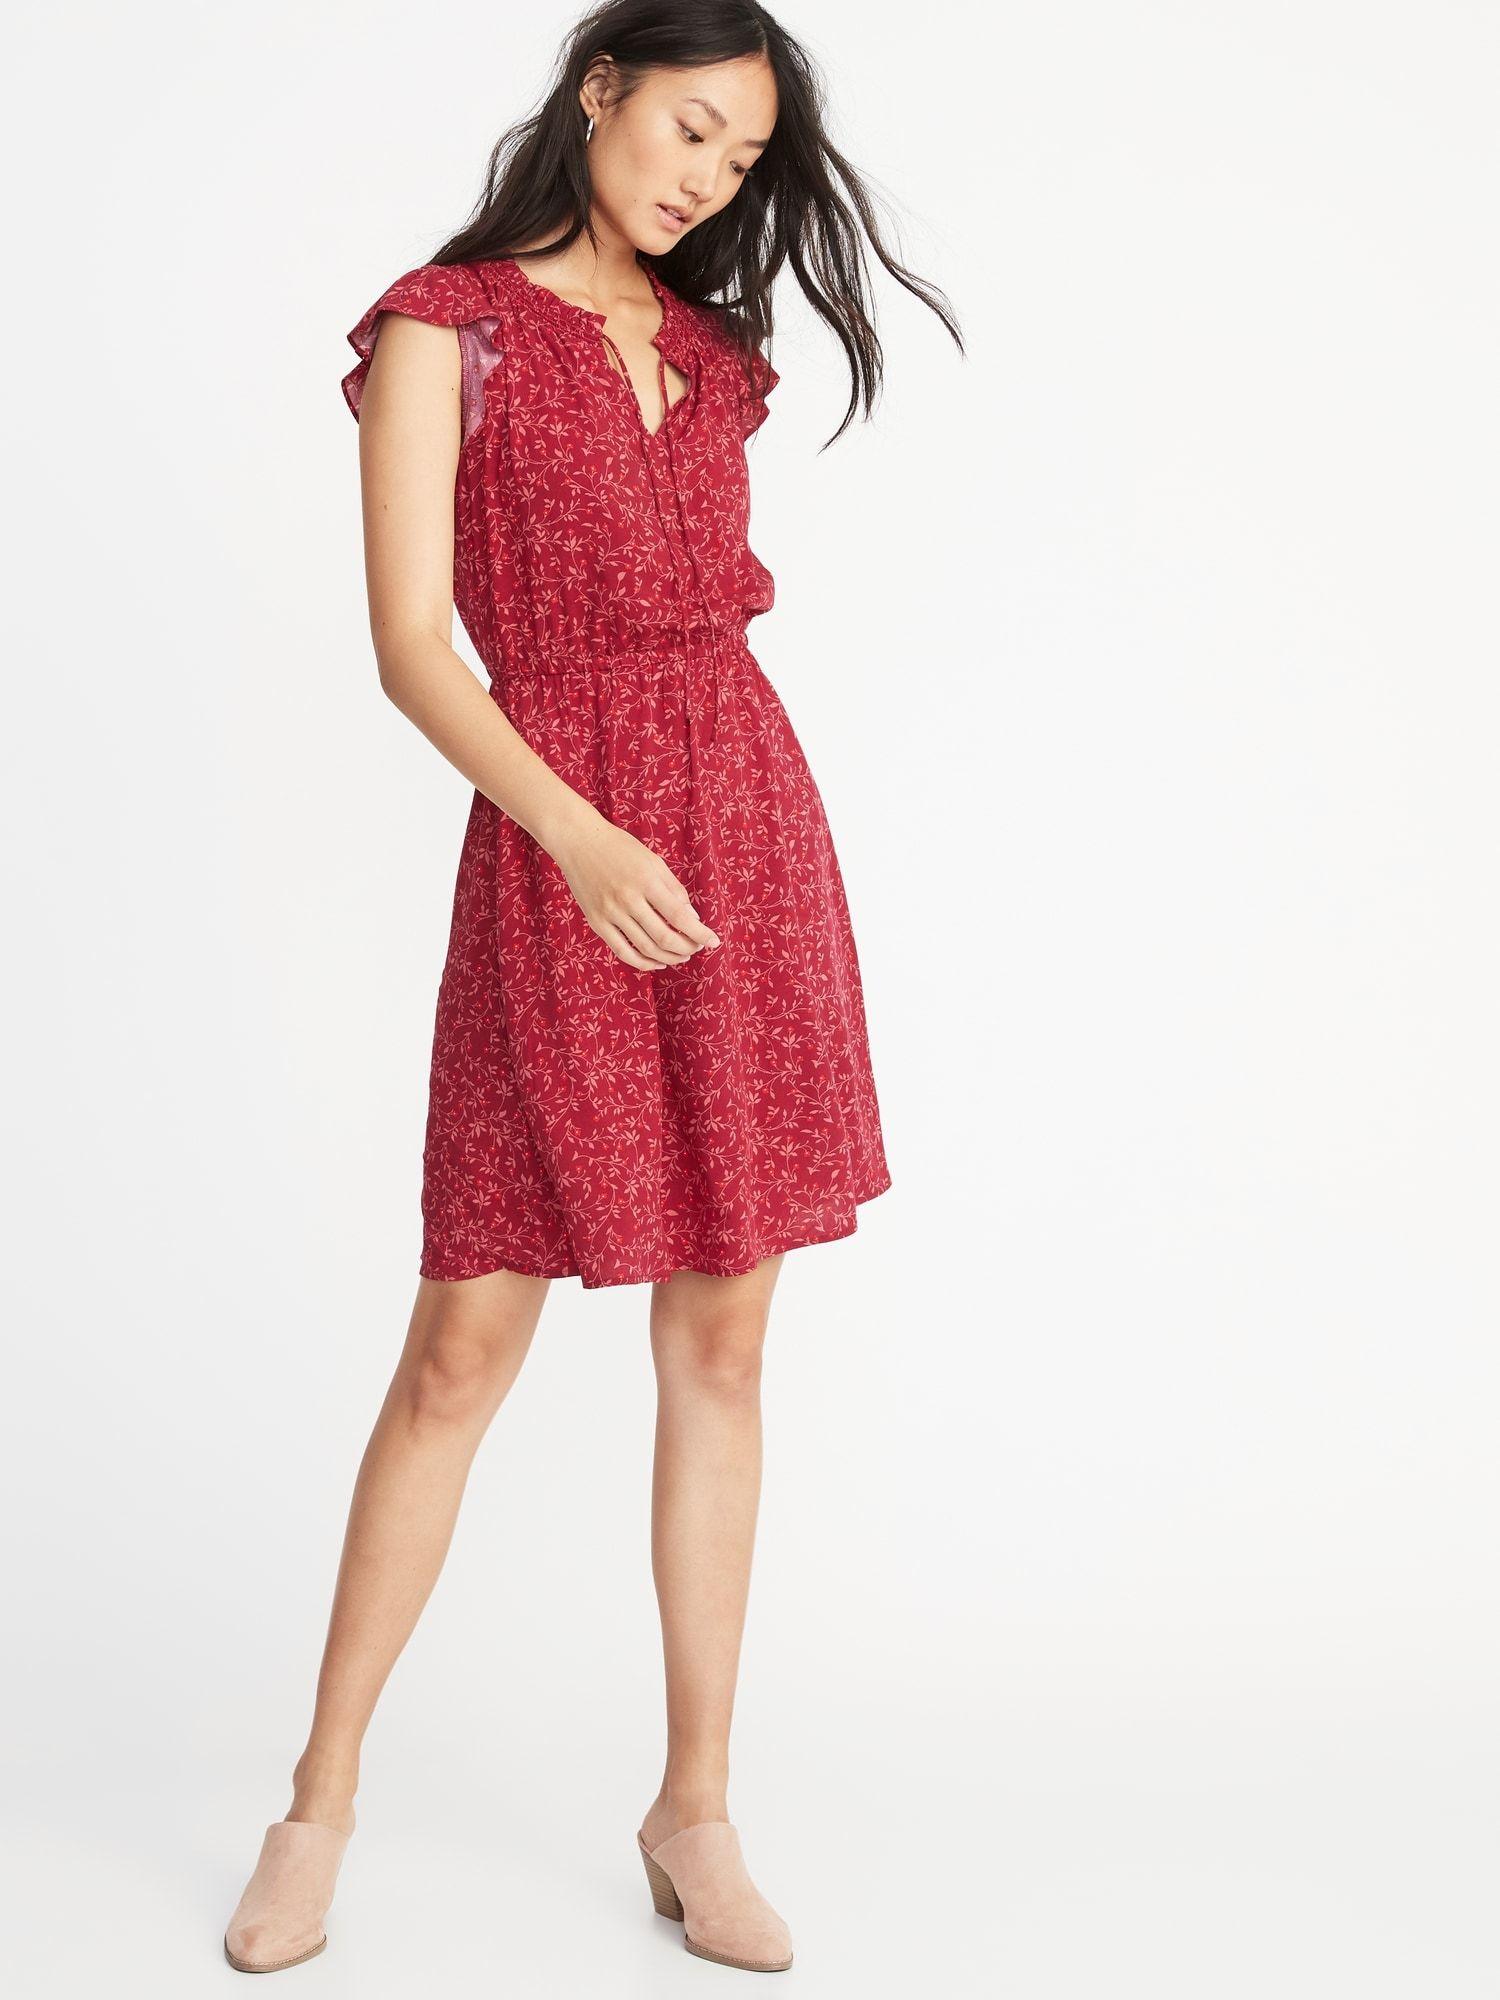 7f1fd601c7 Waist-Defined Flutter-Sleeve Dress for Women in 2019 | Stylin ...